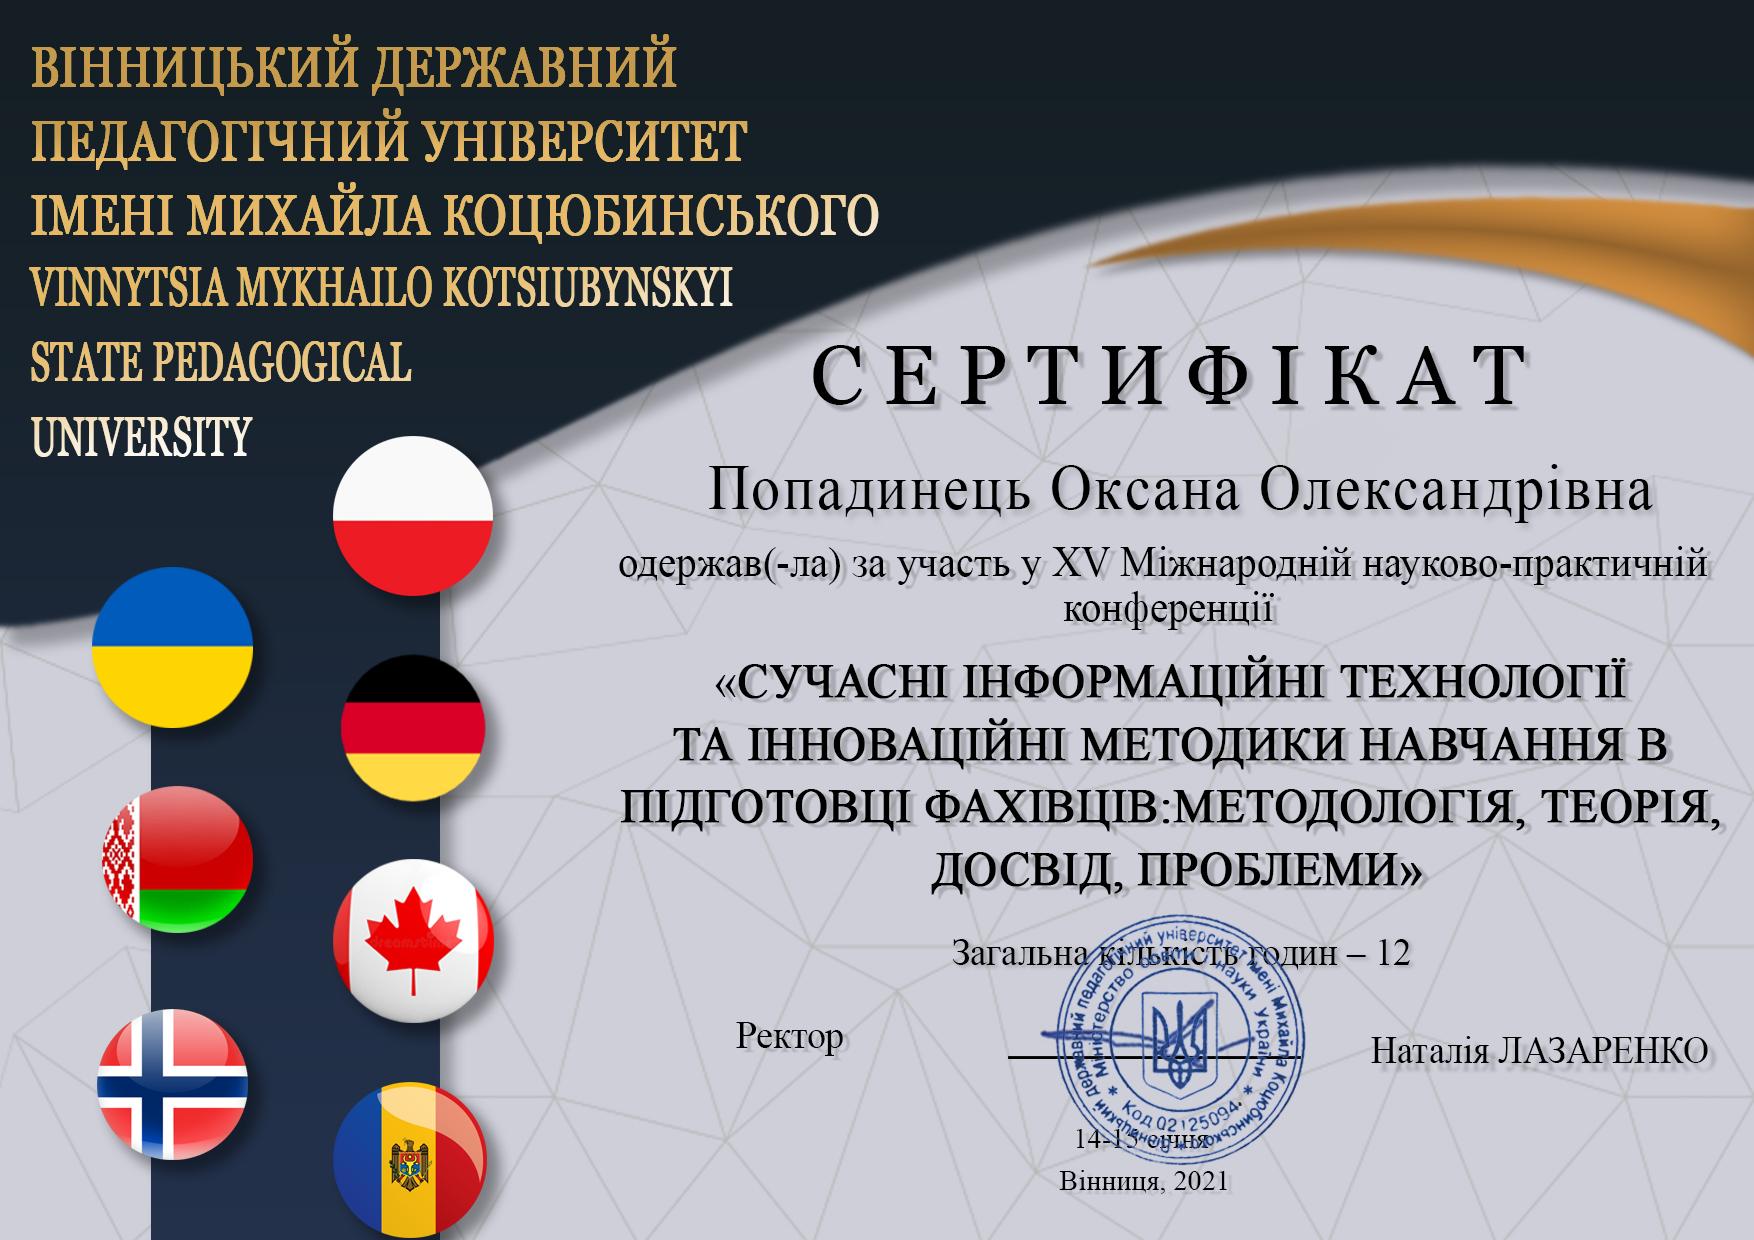 Попадинець Оксана Олександрівна